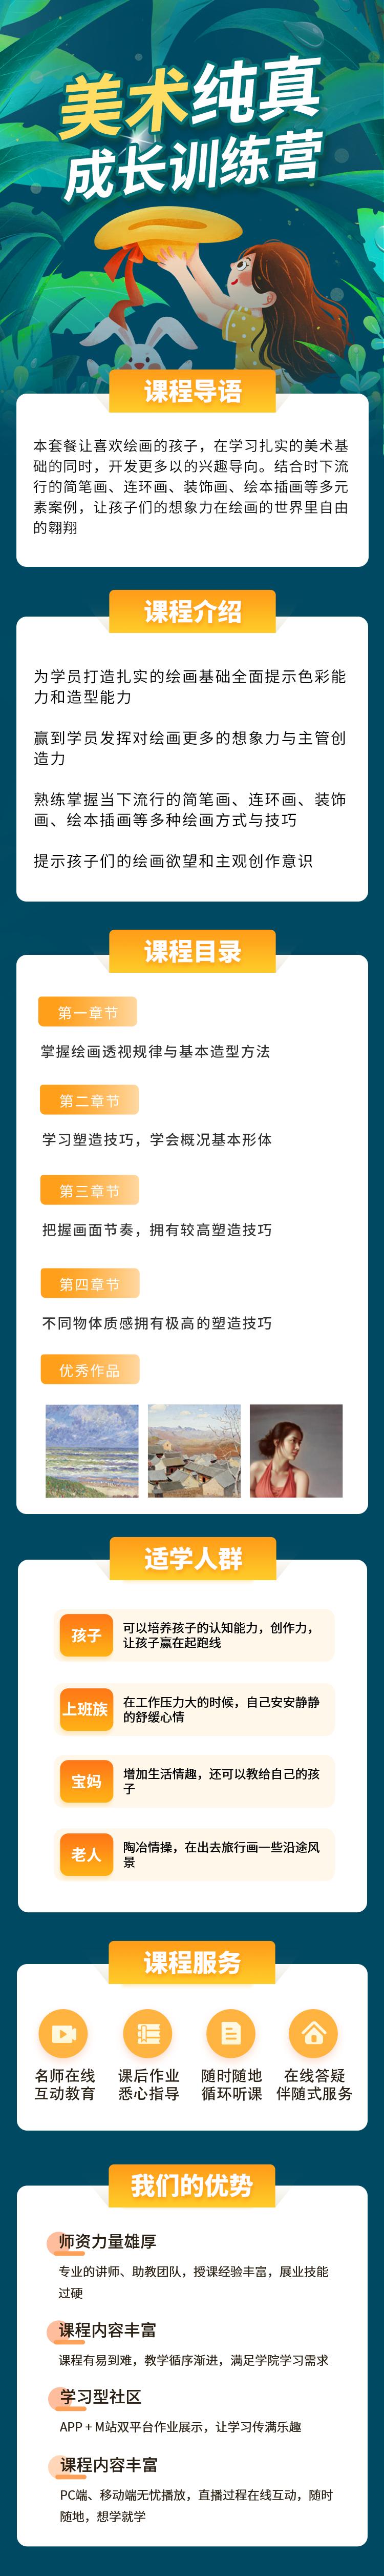 美术纯真成长训练营详情(1).png